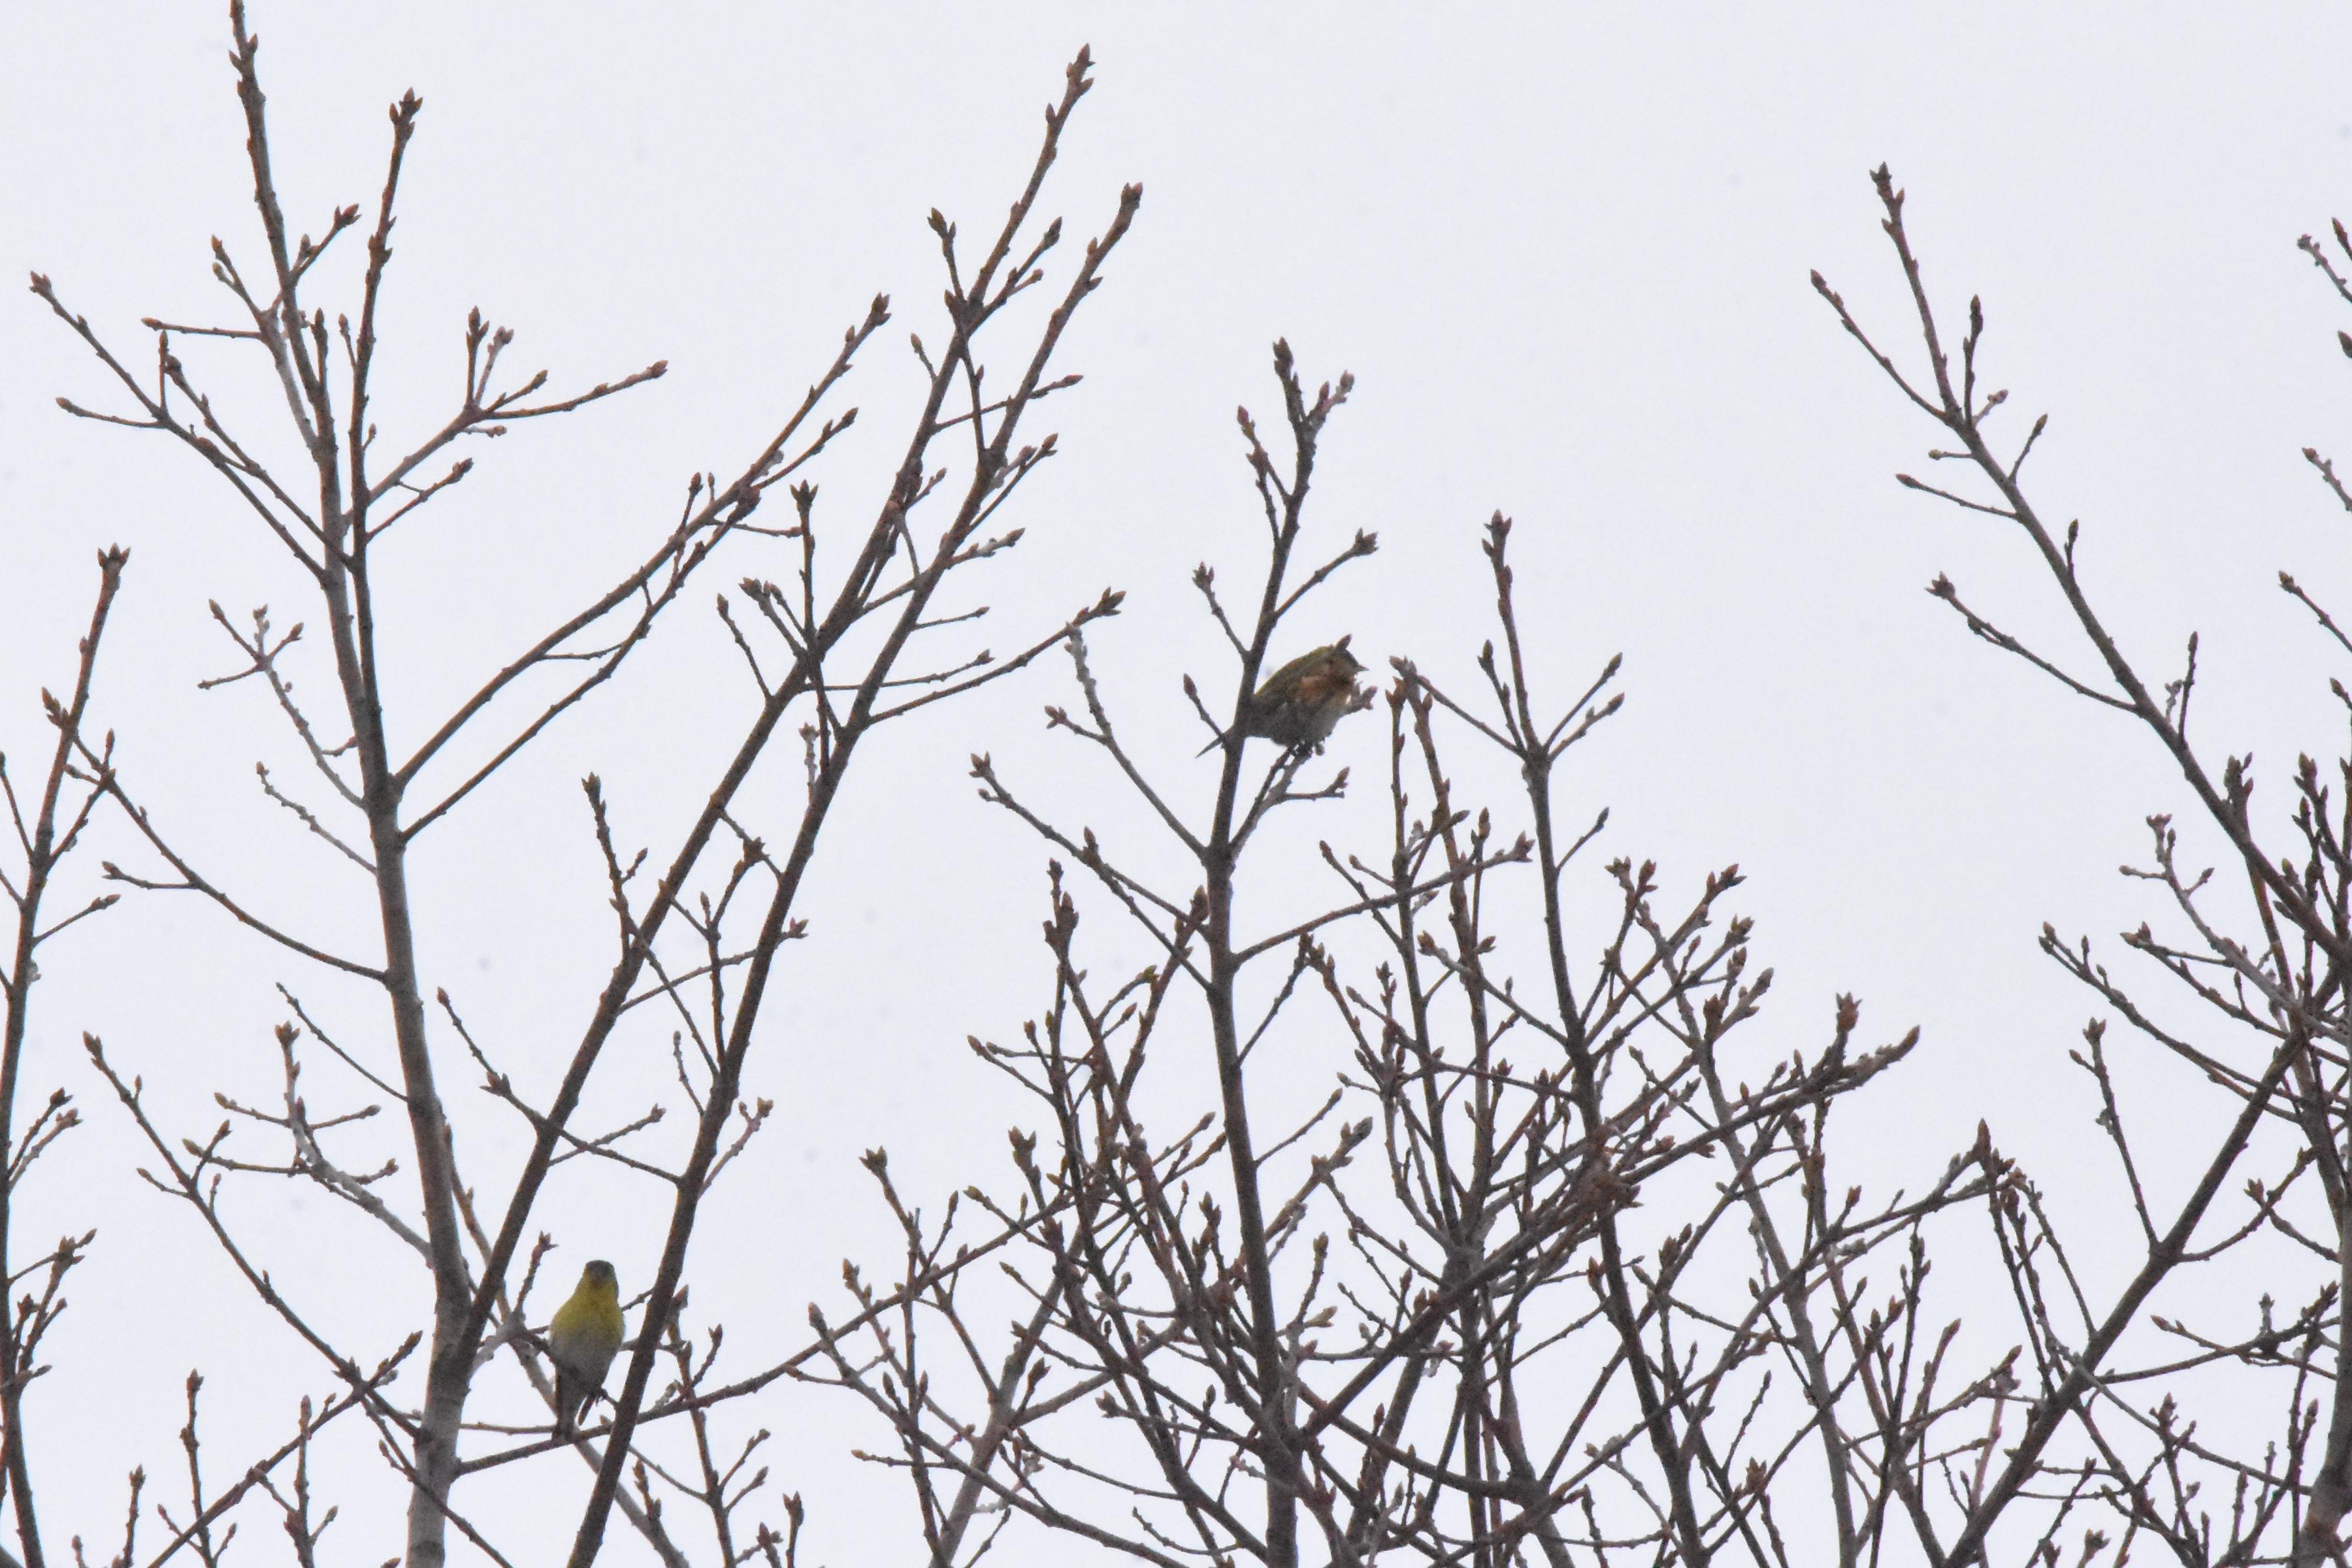 マヒワ 6羽の群れ